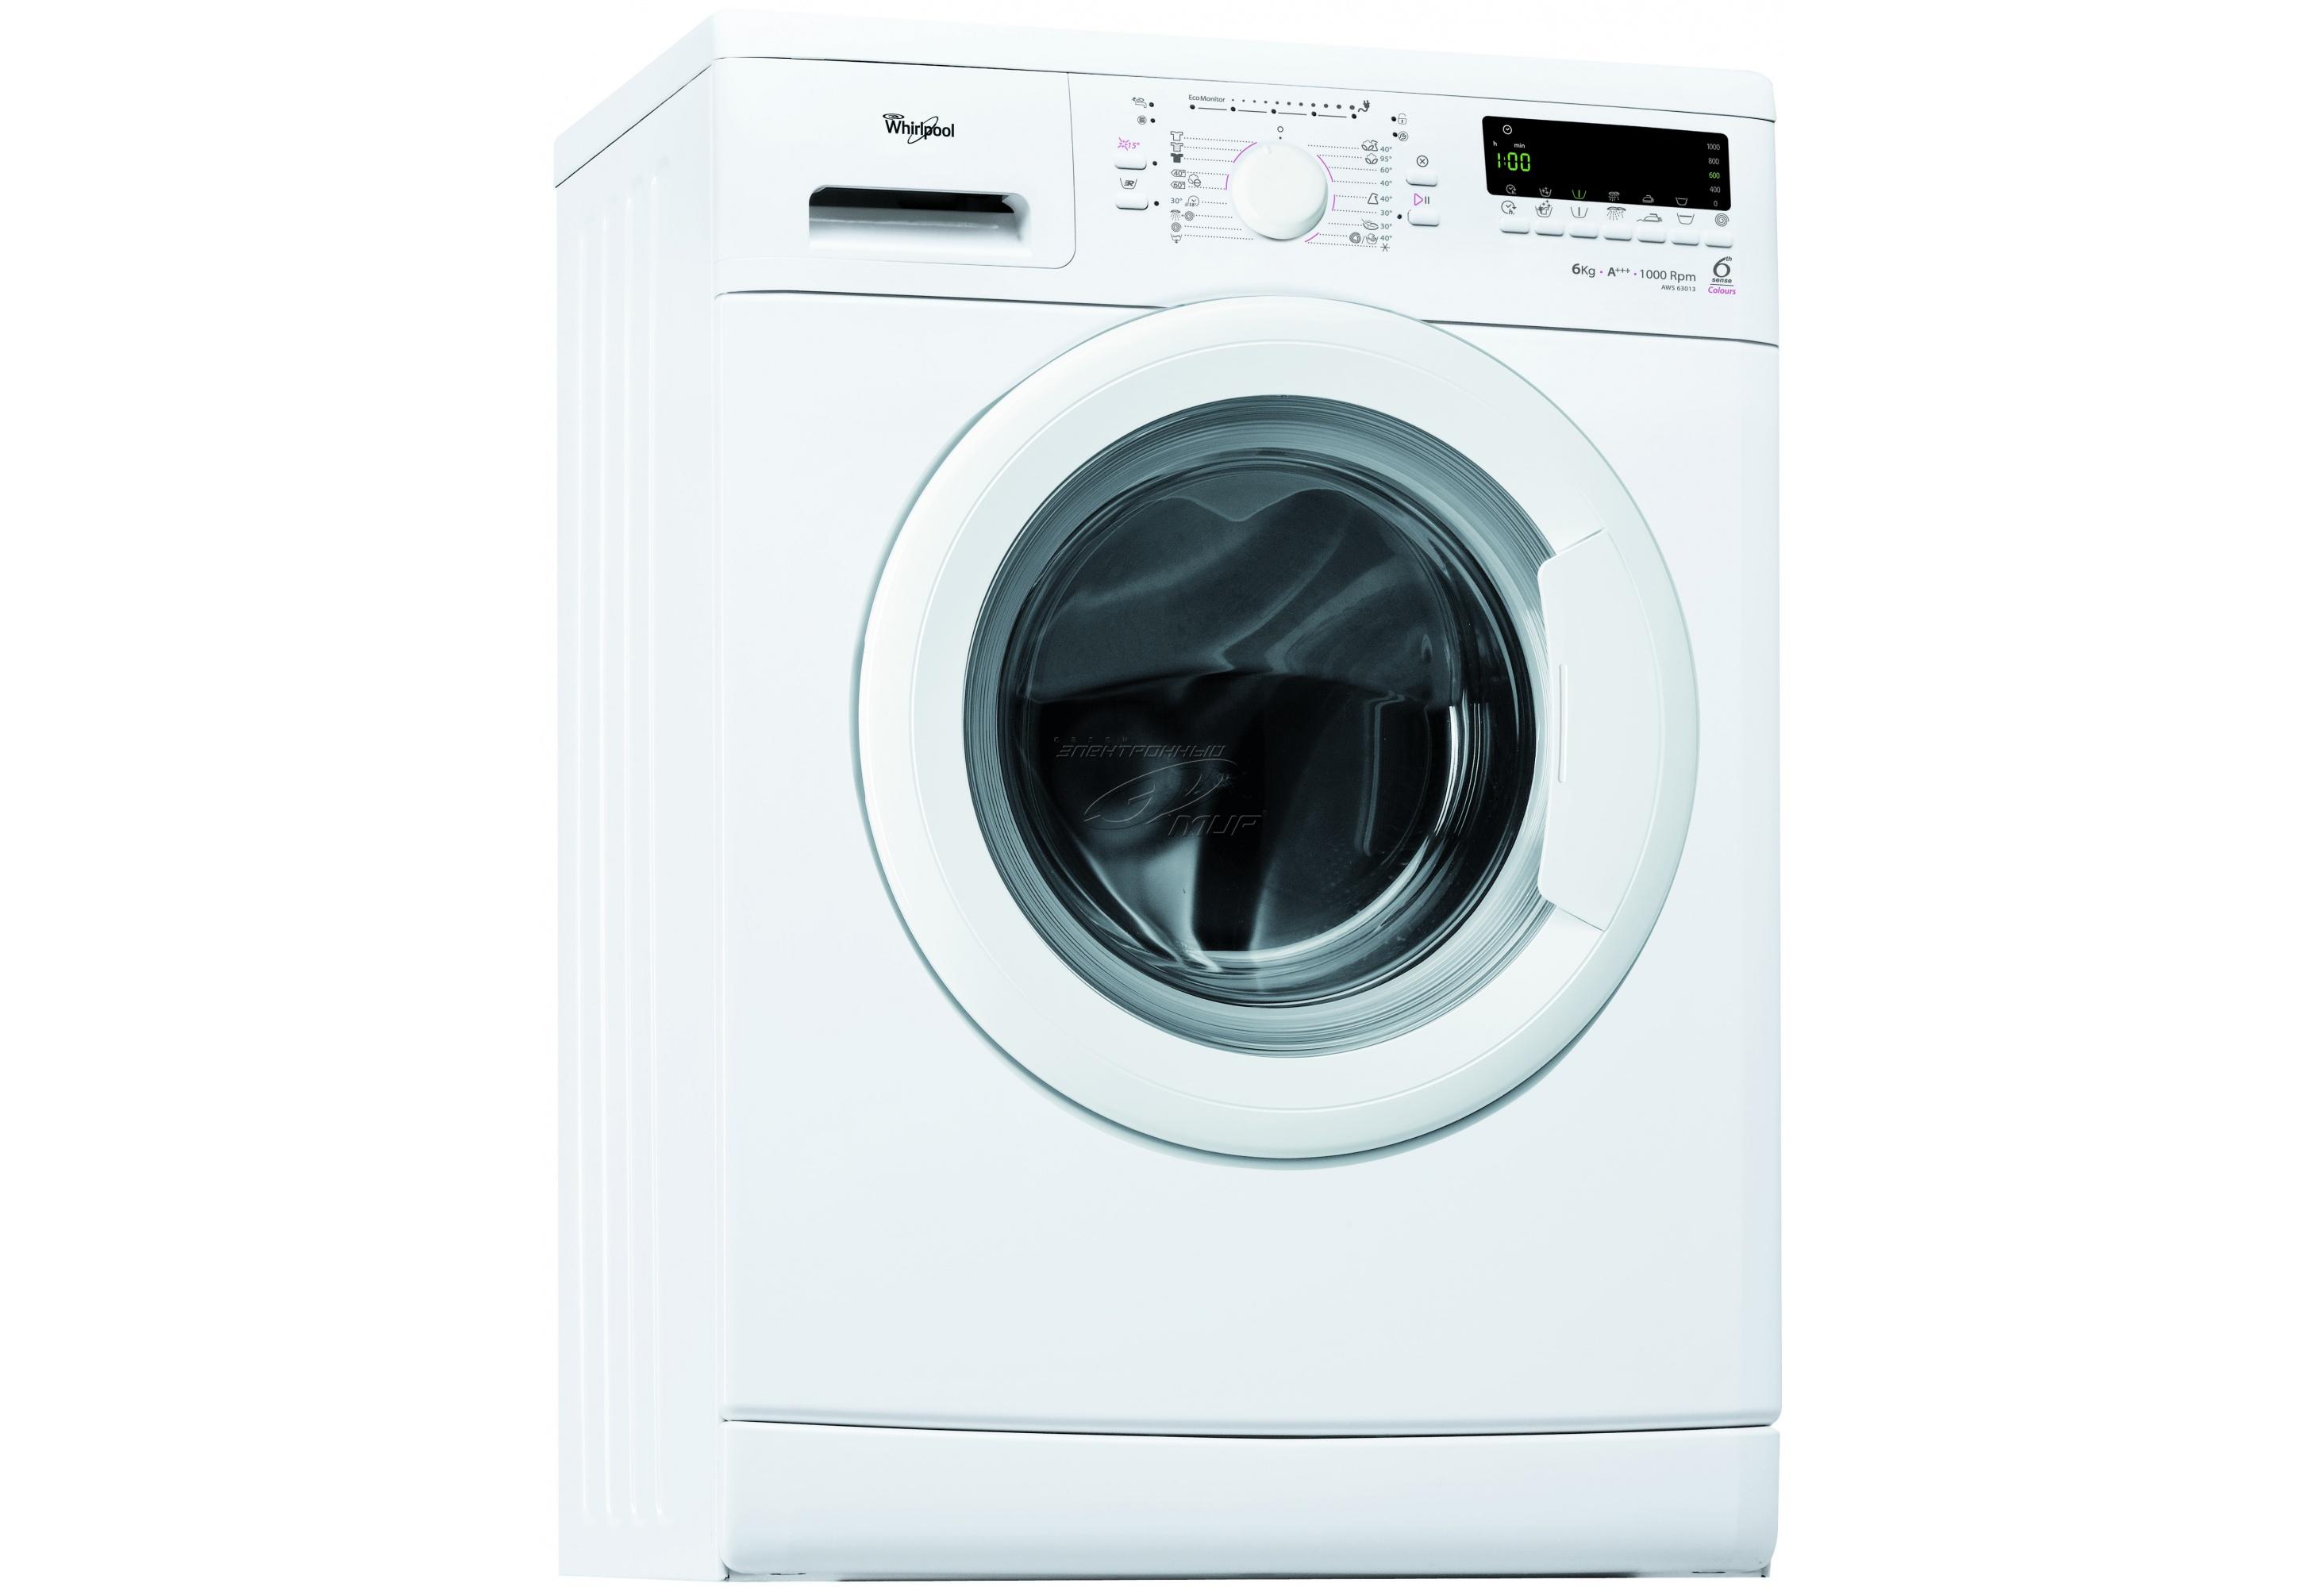 Как поменять фланцы (суппорта) барабана в стиральной машине Whirlpool — часть 2